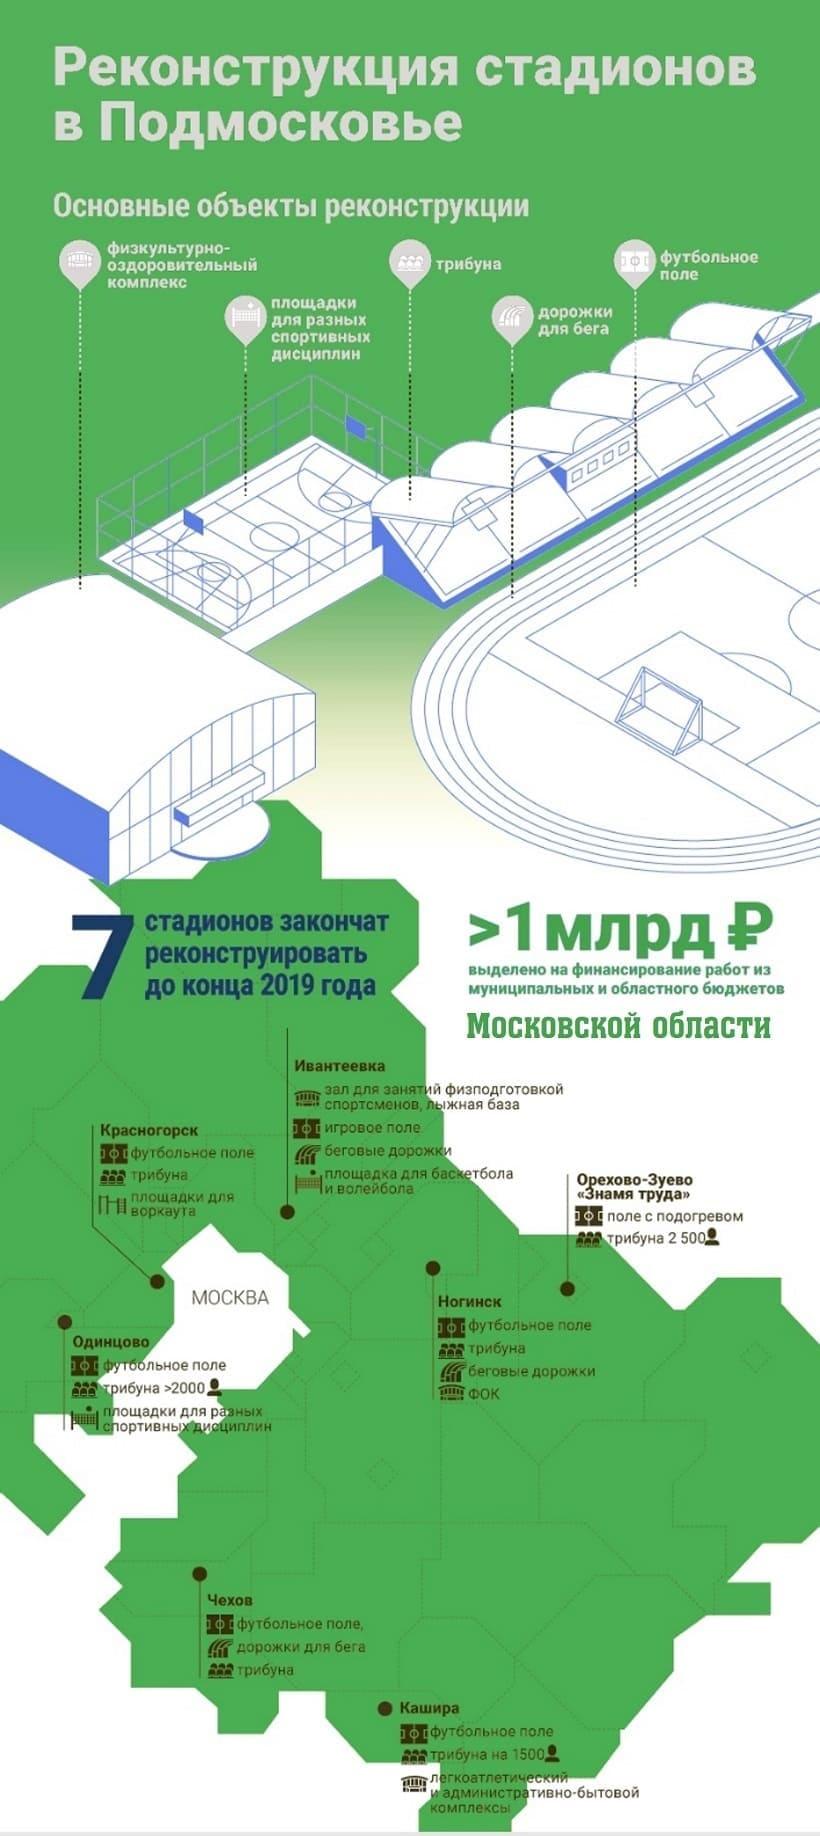 Государственная программа реконструкции объектов спорта фото